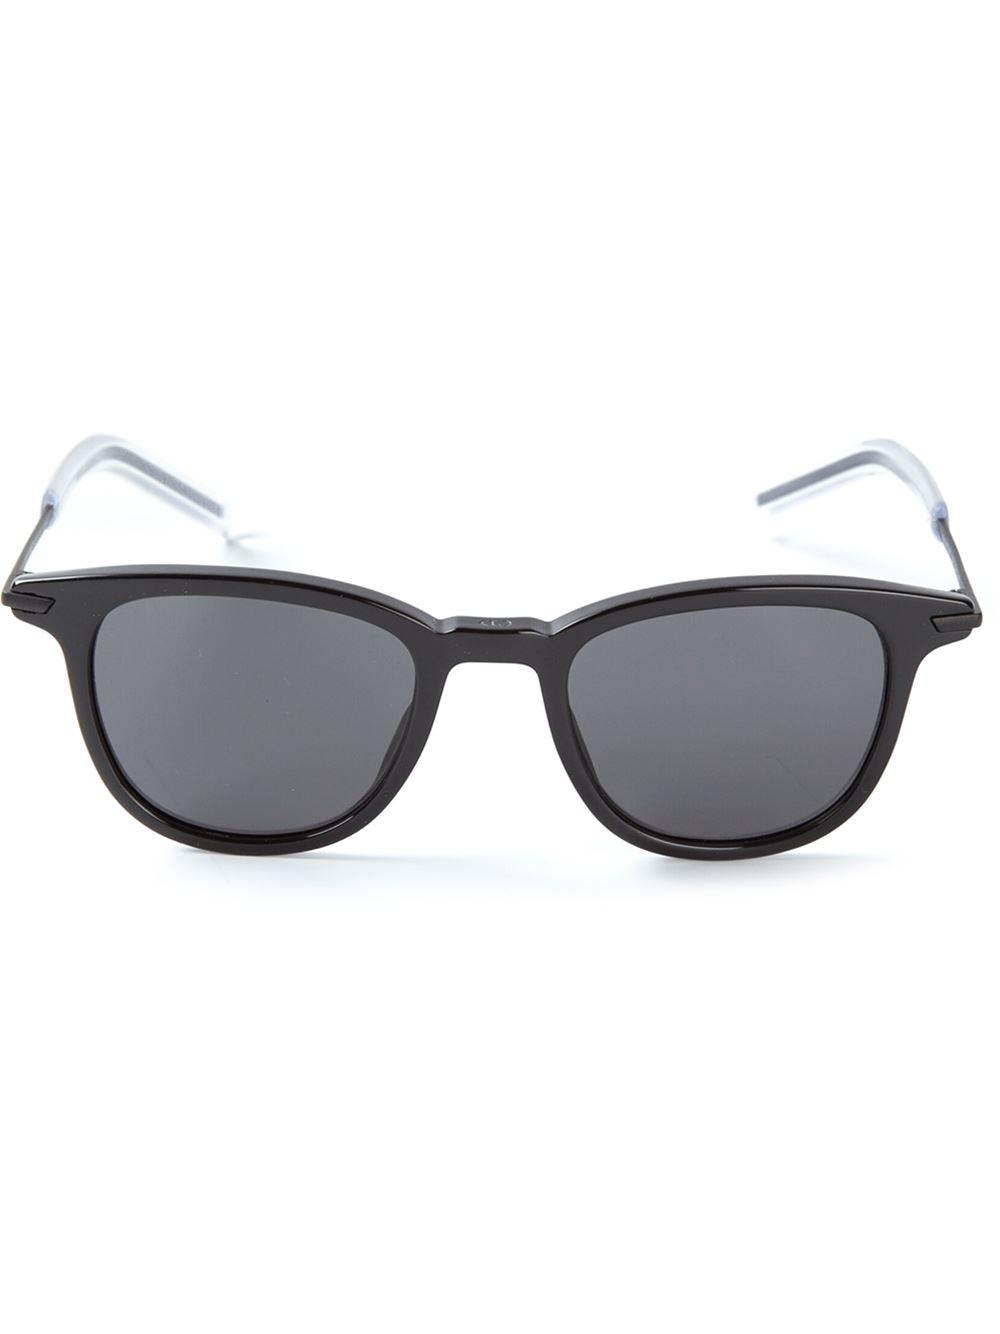 Dior Glasses Frame 2014 : Dior homme Wayfarer Frame Sunglasses in Black for Men Lyst